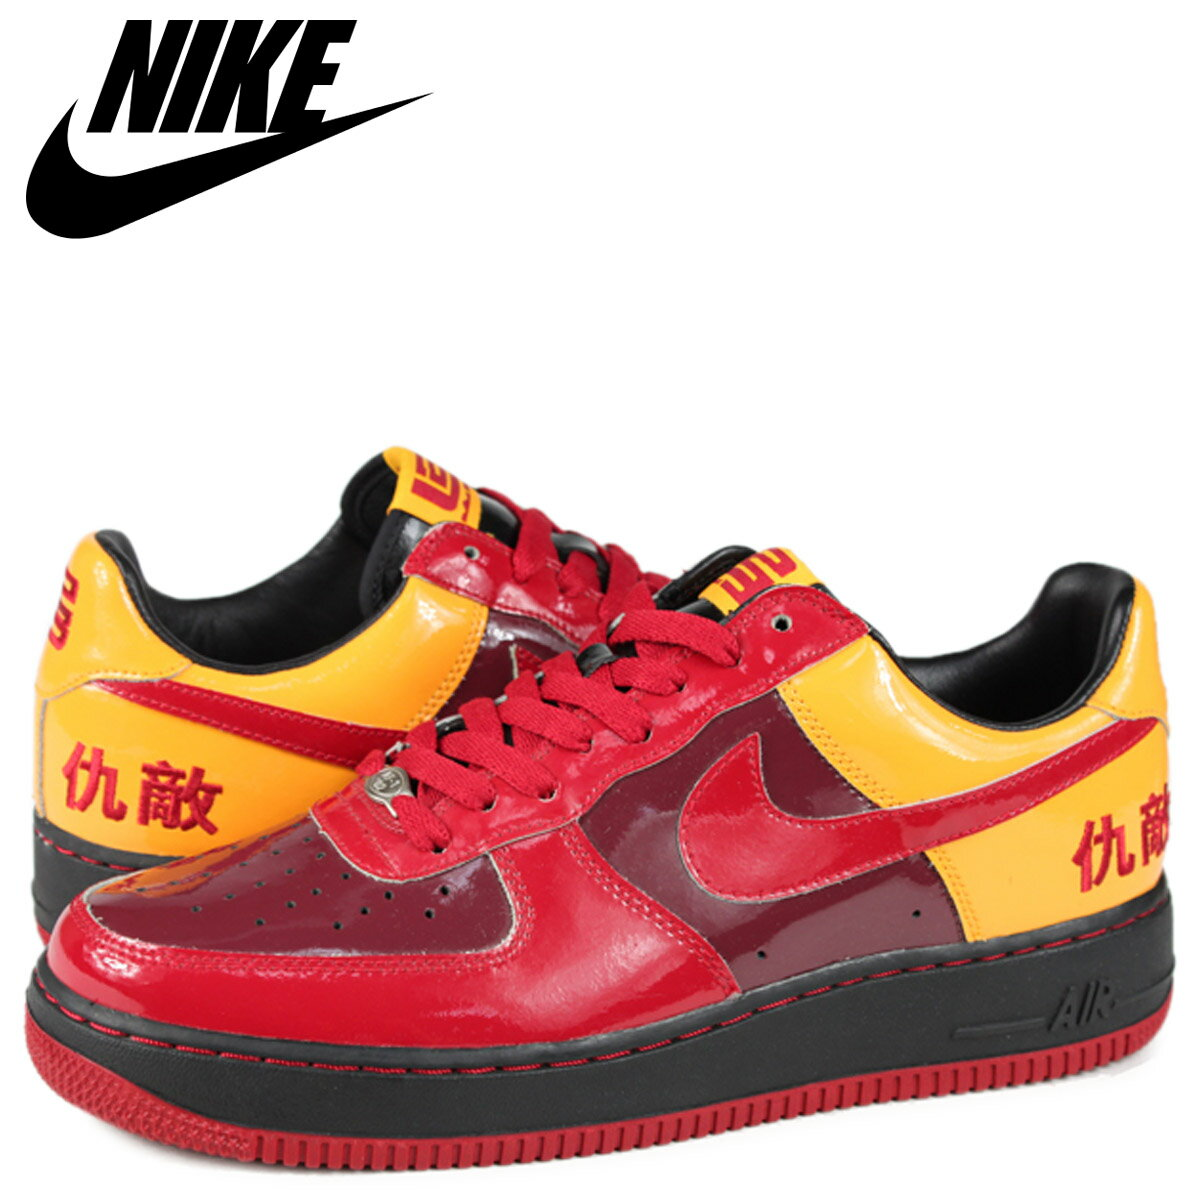 LeBron Nike NIKE AIR FORCE 1 LEBRON JAMES \